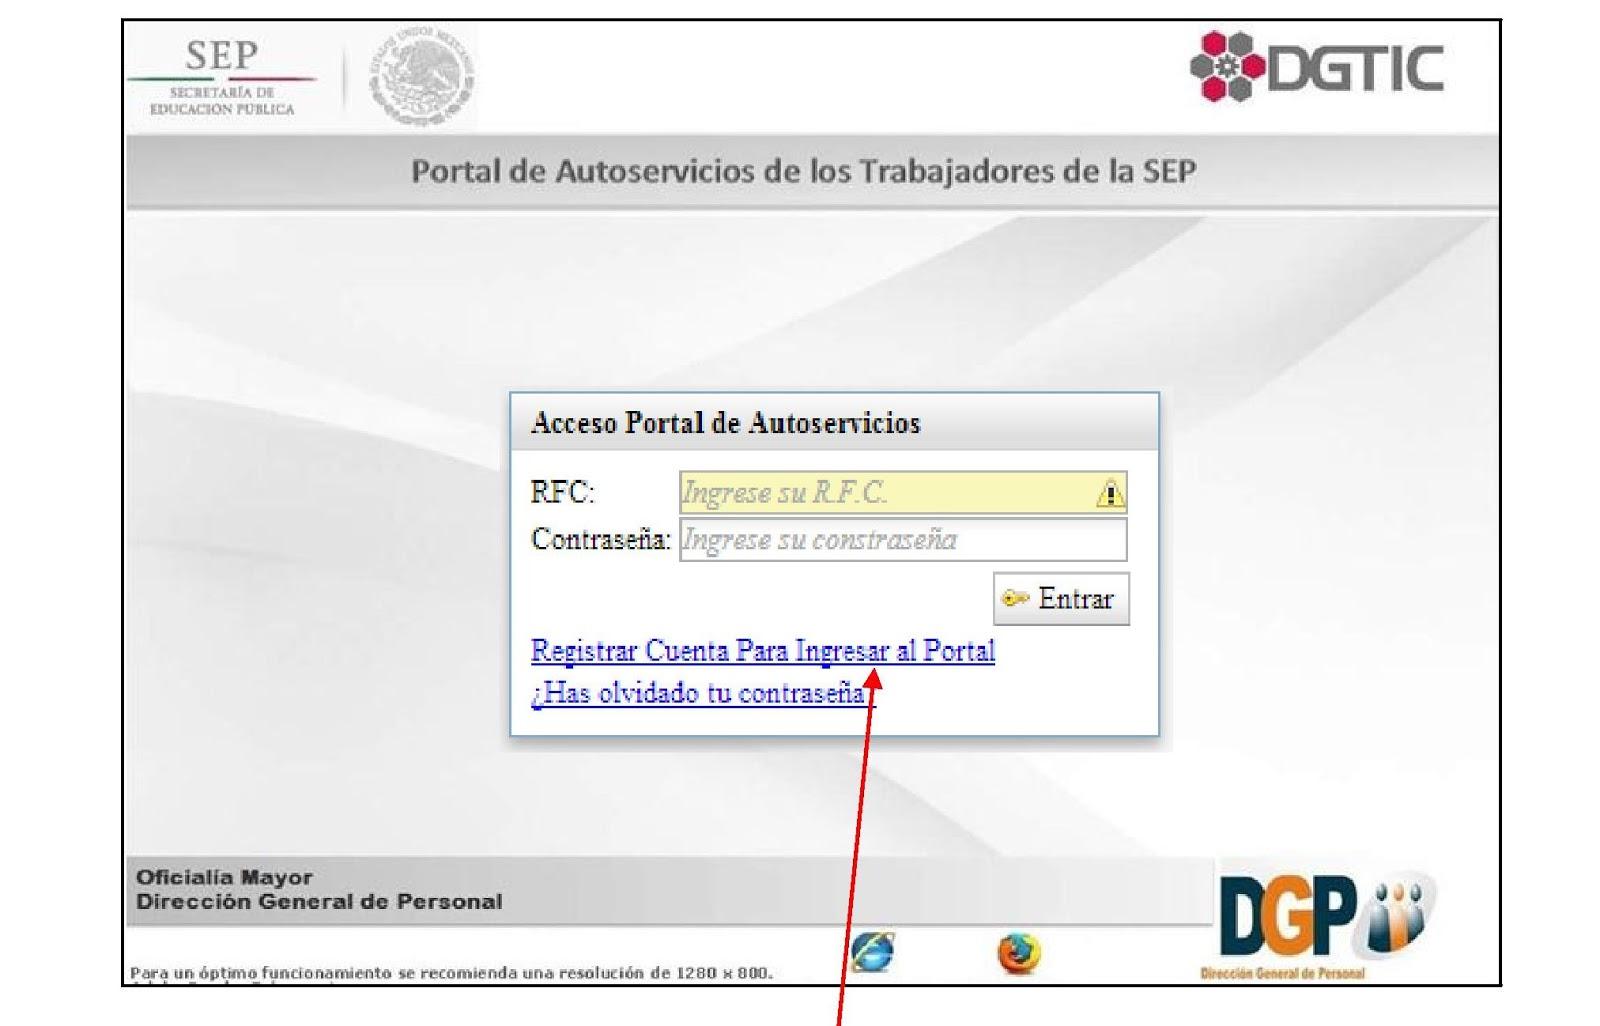 Cómo acceder al portal de autoservicios de los trabajadores de la Secretaría de Educación (SEP)